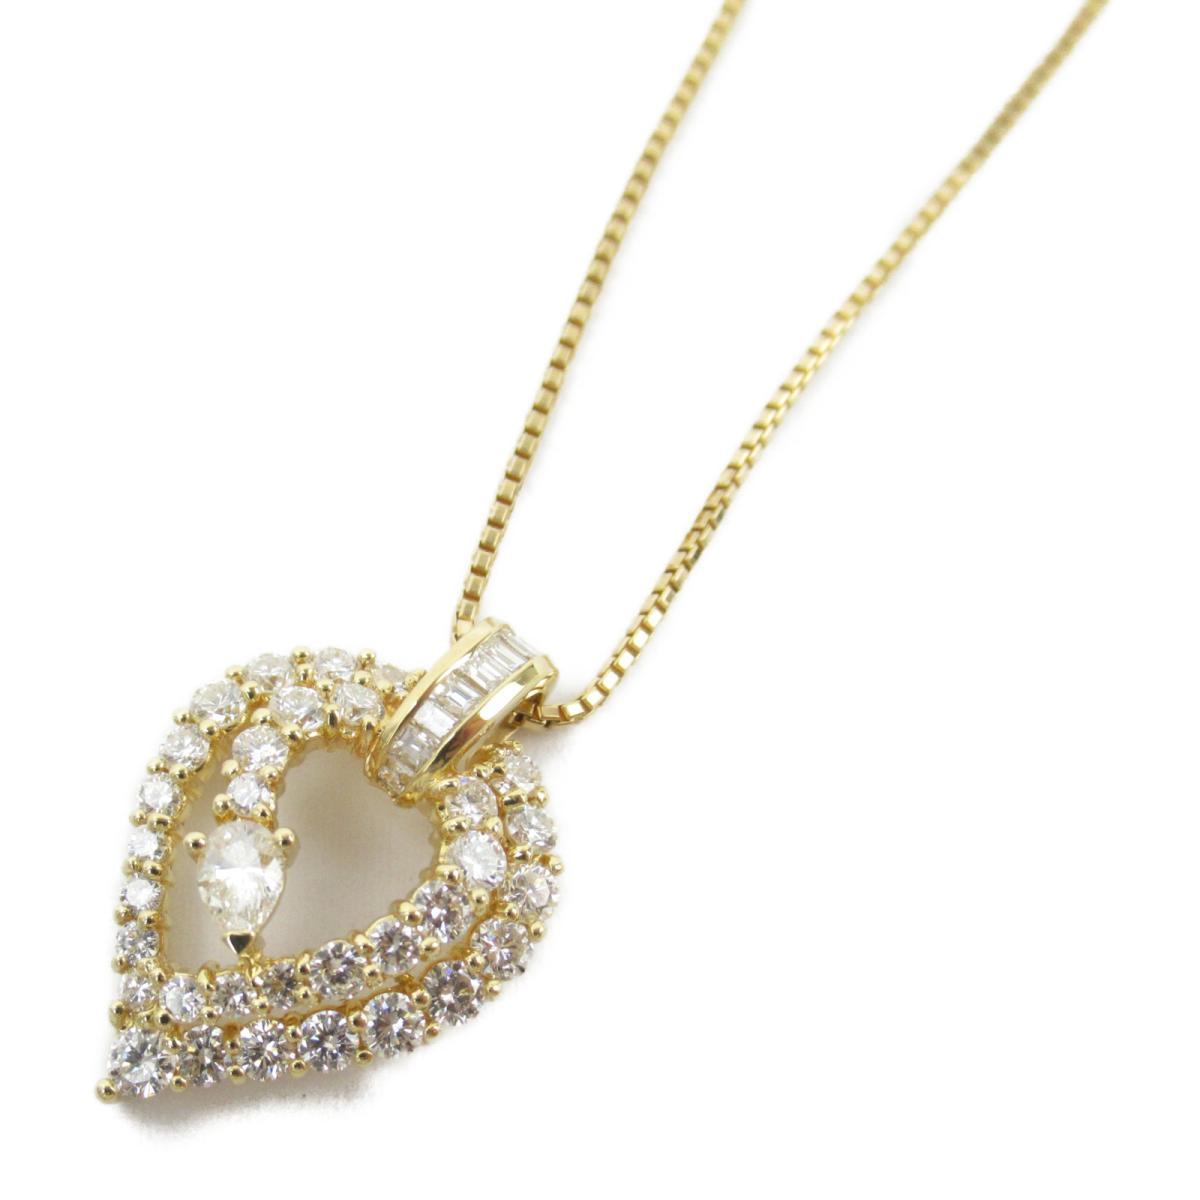 ジュエリー ダイヤモンド ネックレス ノーブランドジュエリー レディース K18YG (750) イエローゴールド x ダイヤモンド1.99ct 【中古】 | JEWELRY BRANDOFF ブランドオフ アクセサリー ペンダント